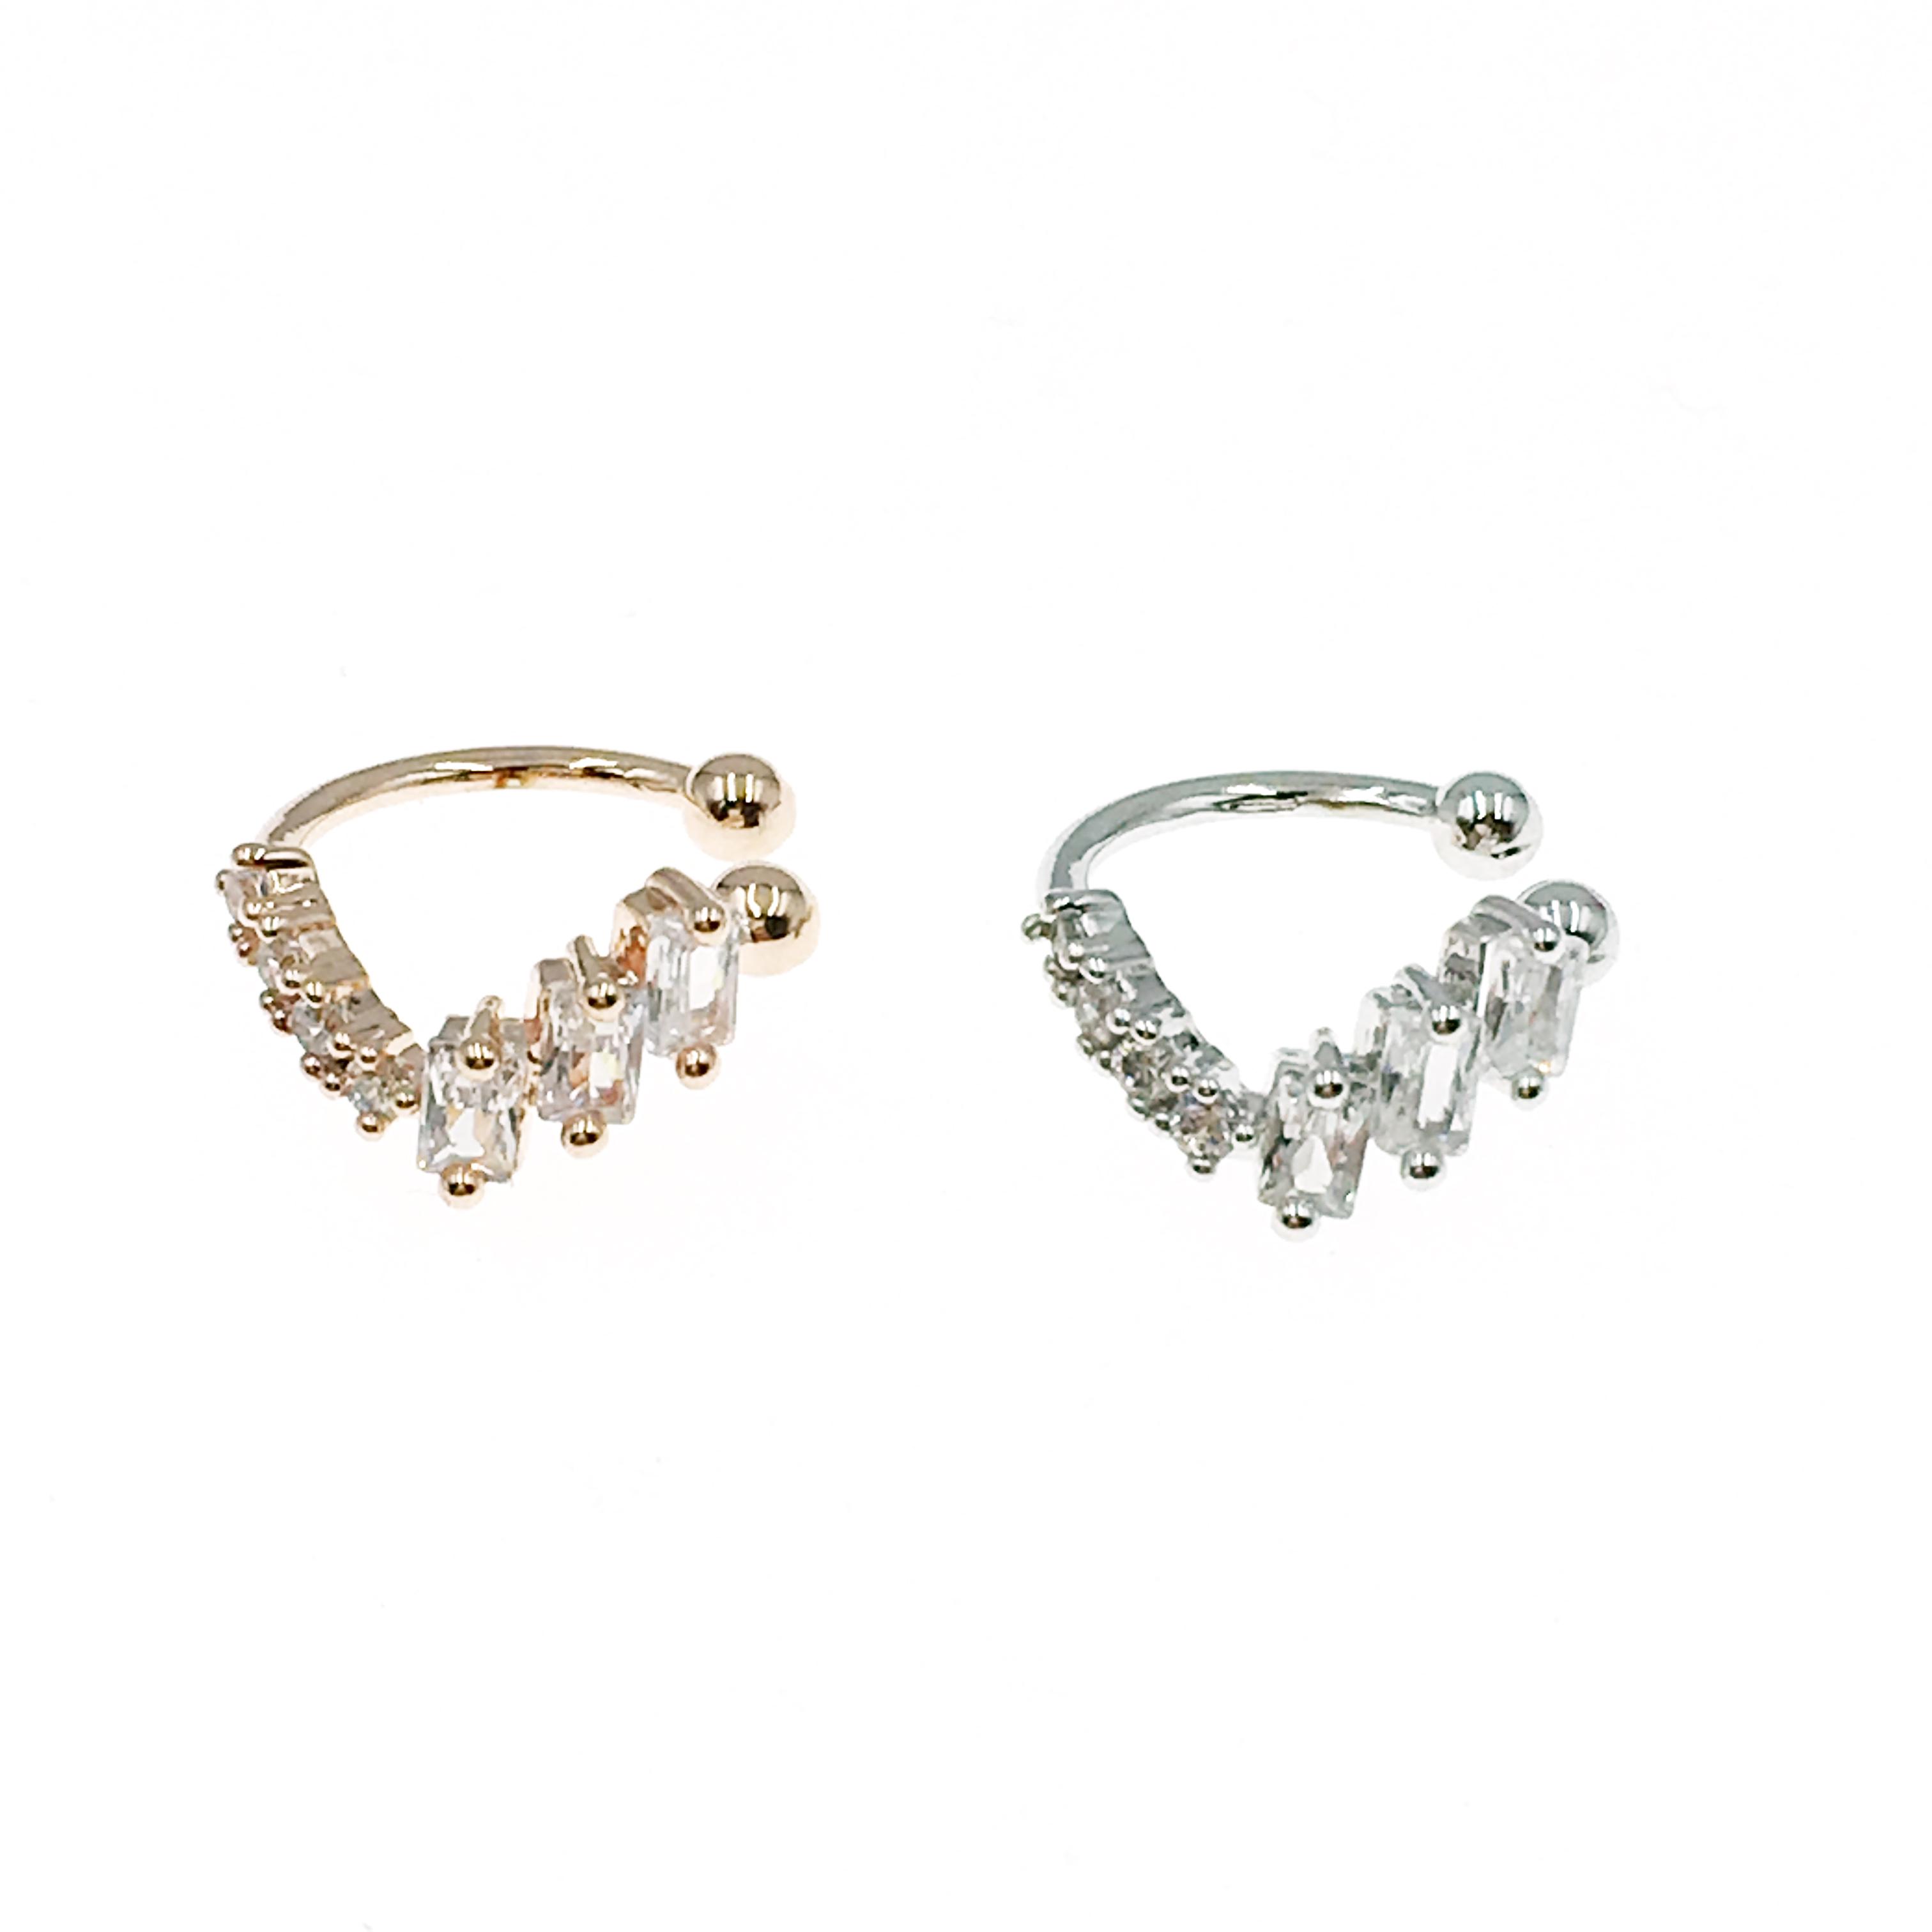 韓國 方形 水鑽 V型 兩色 耳骨夾 耳環